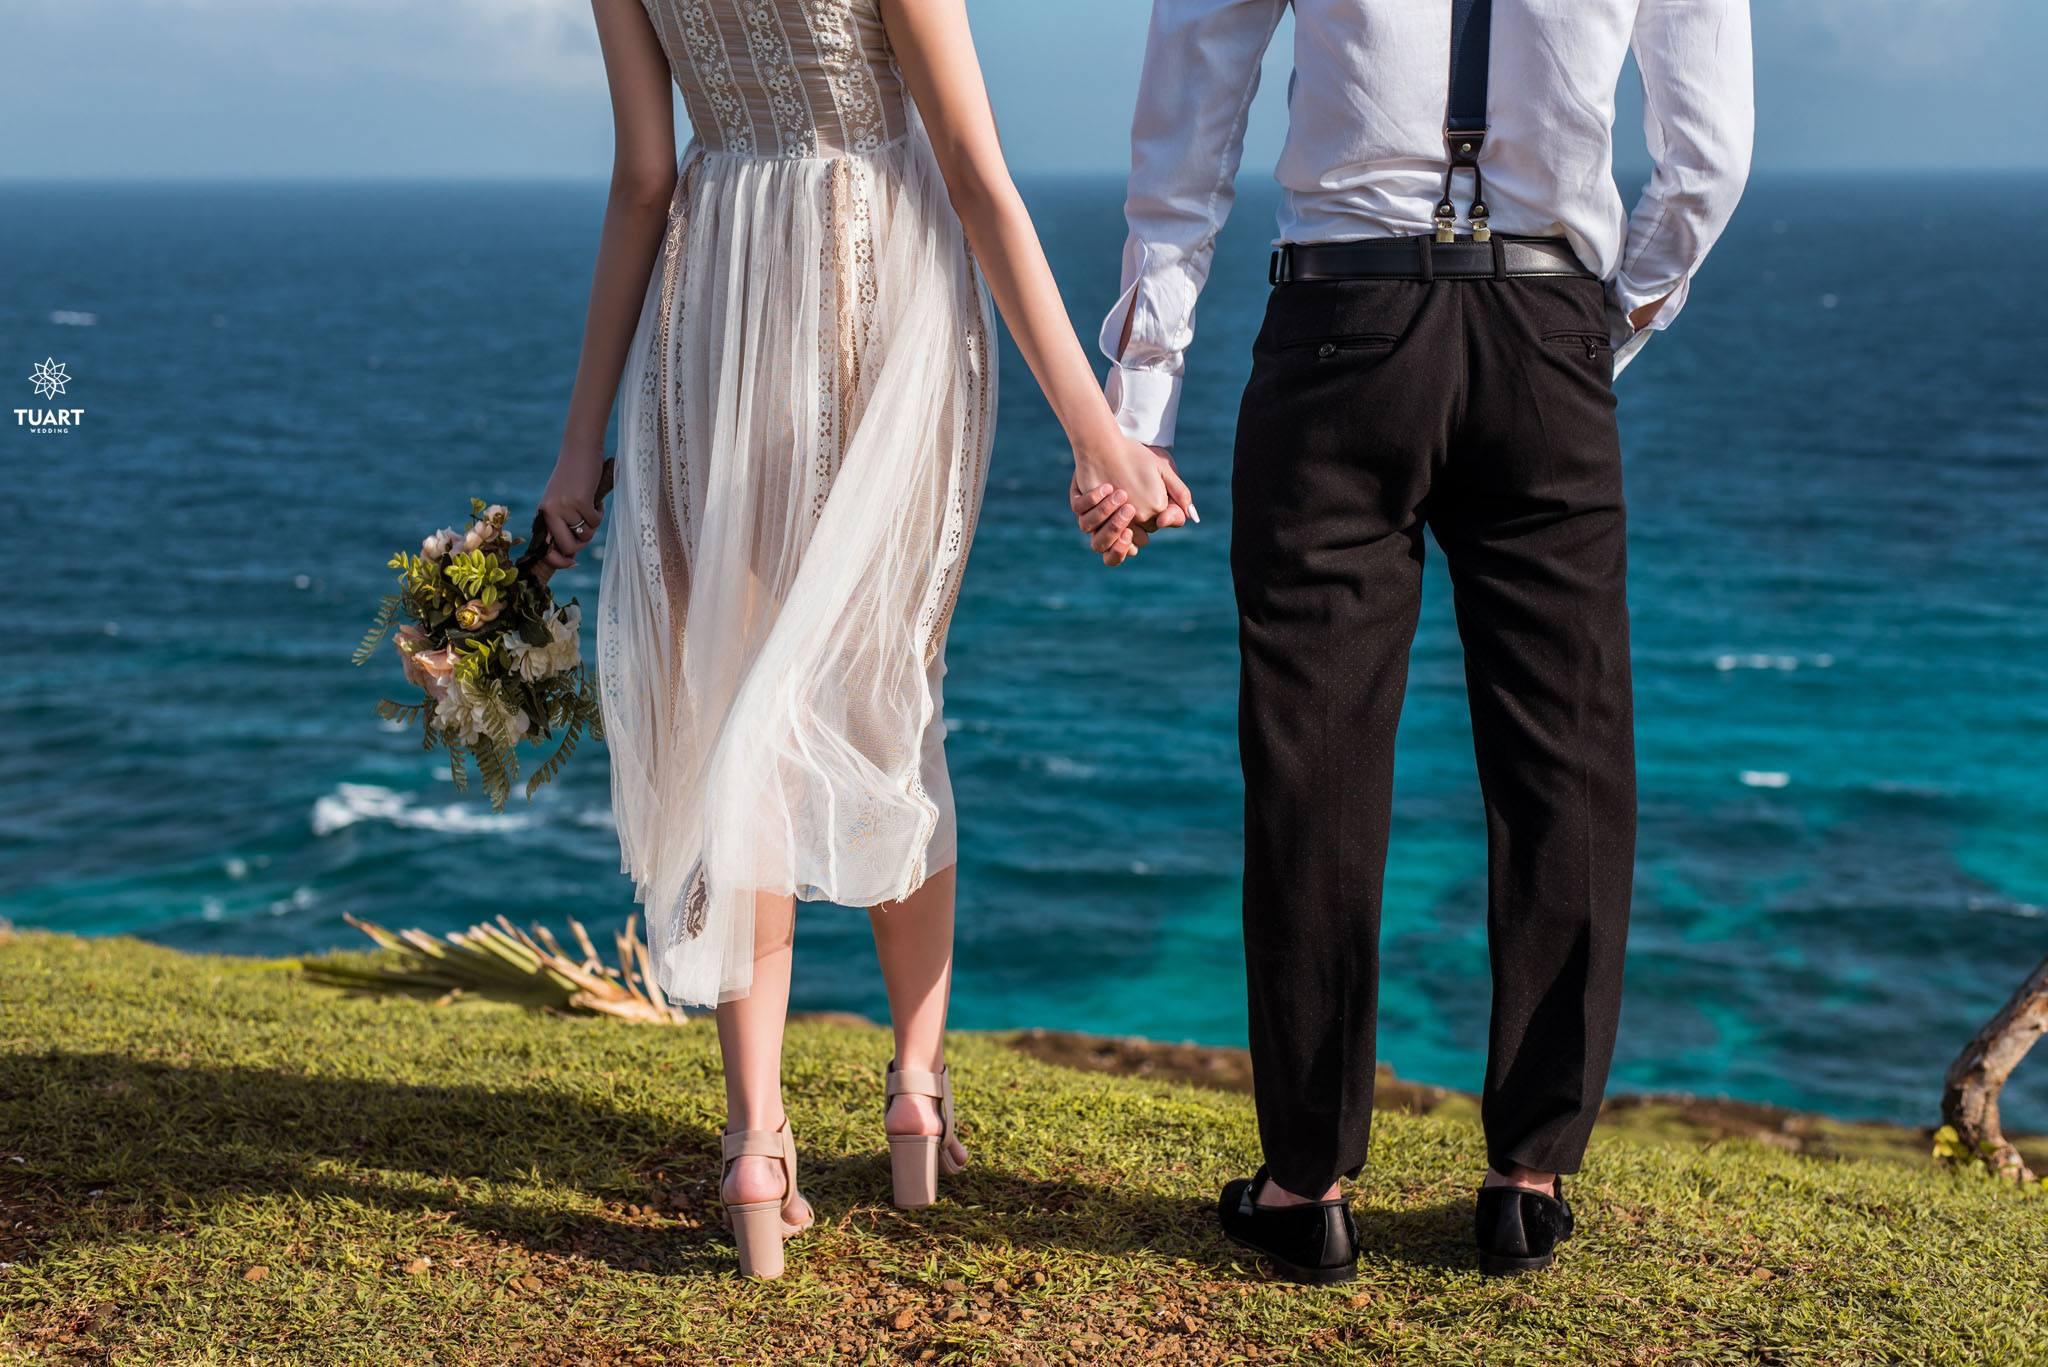 Album chụp hình cưới đẹp tại Lý Sơn 4